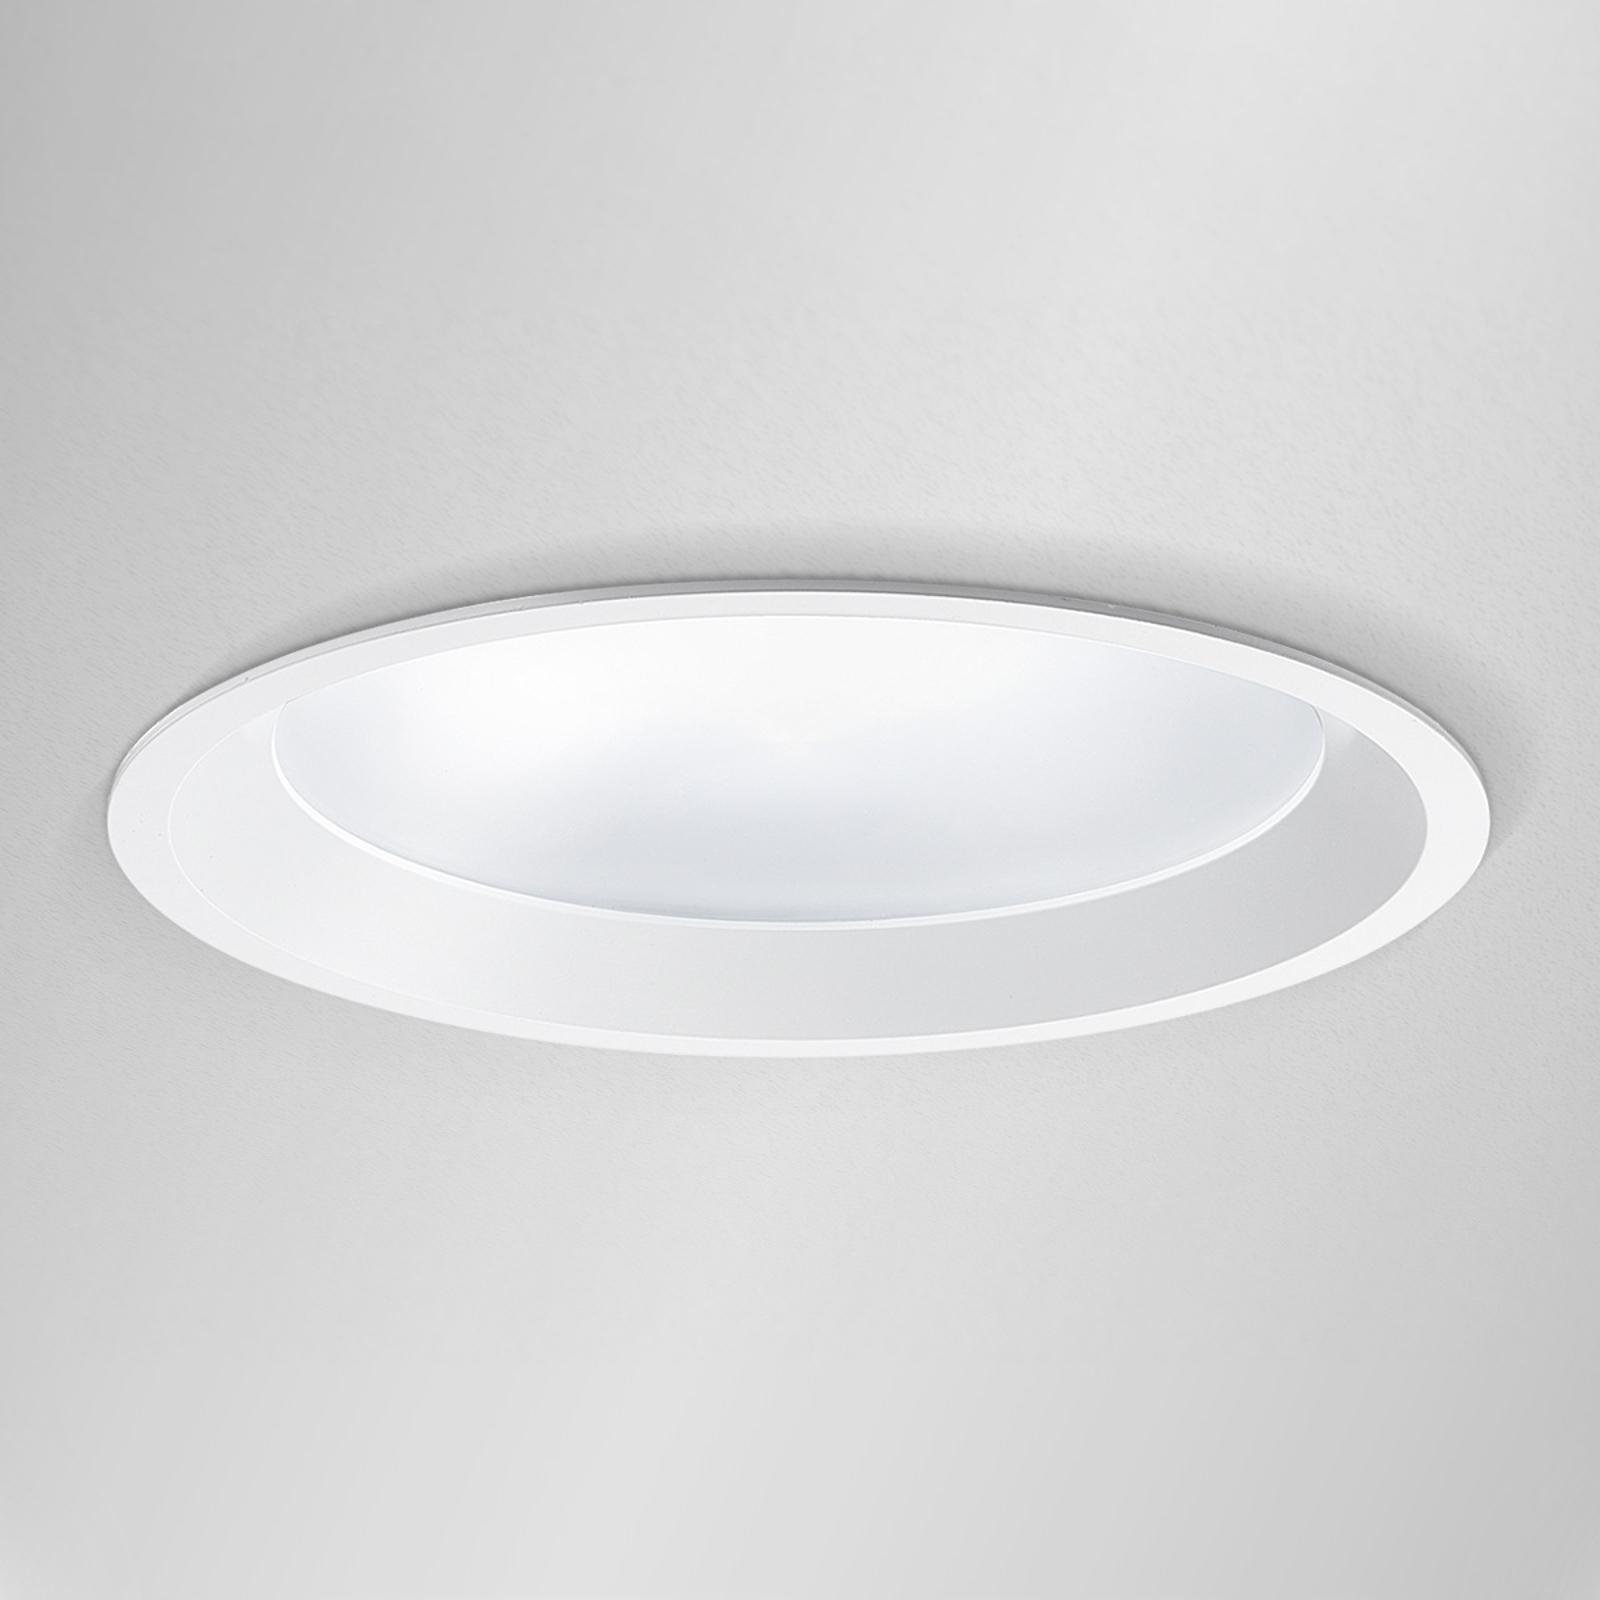 Strato 190 -LED-valaisin - halkaisija 19 cm